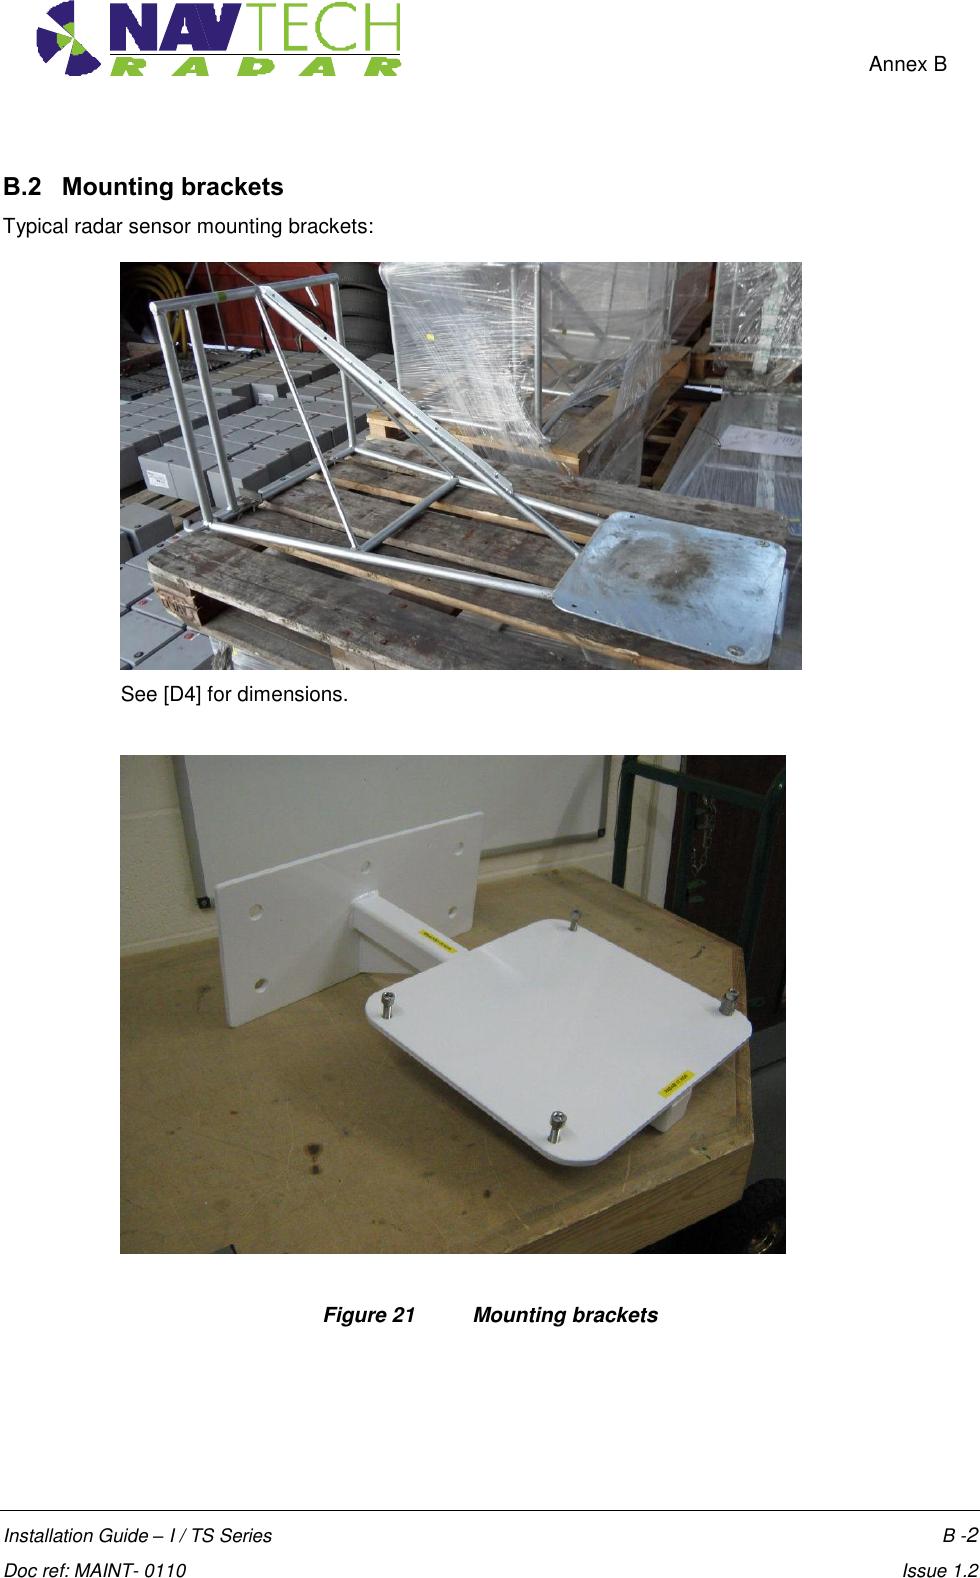 humminbird radar installation instructions